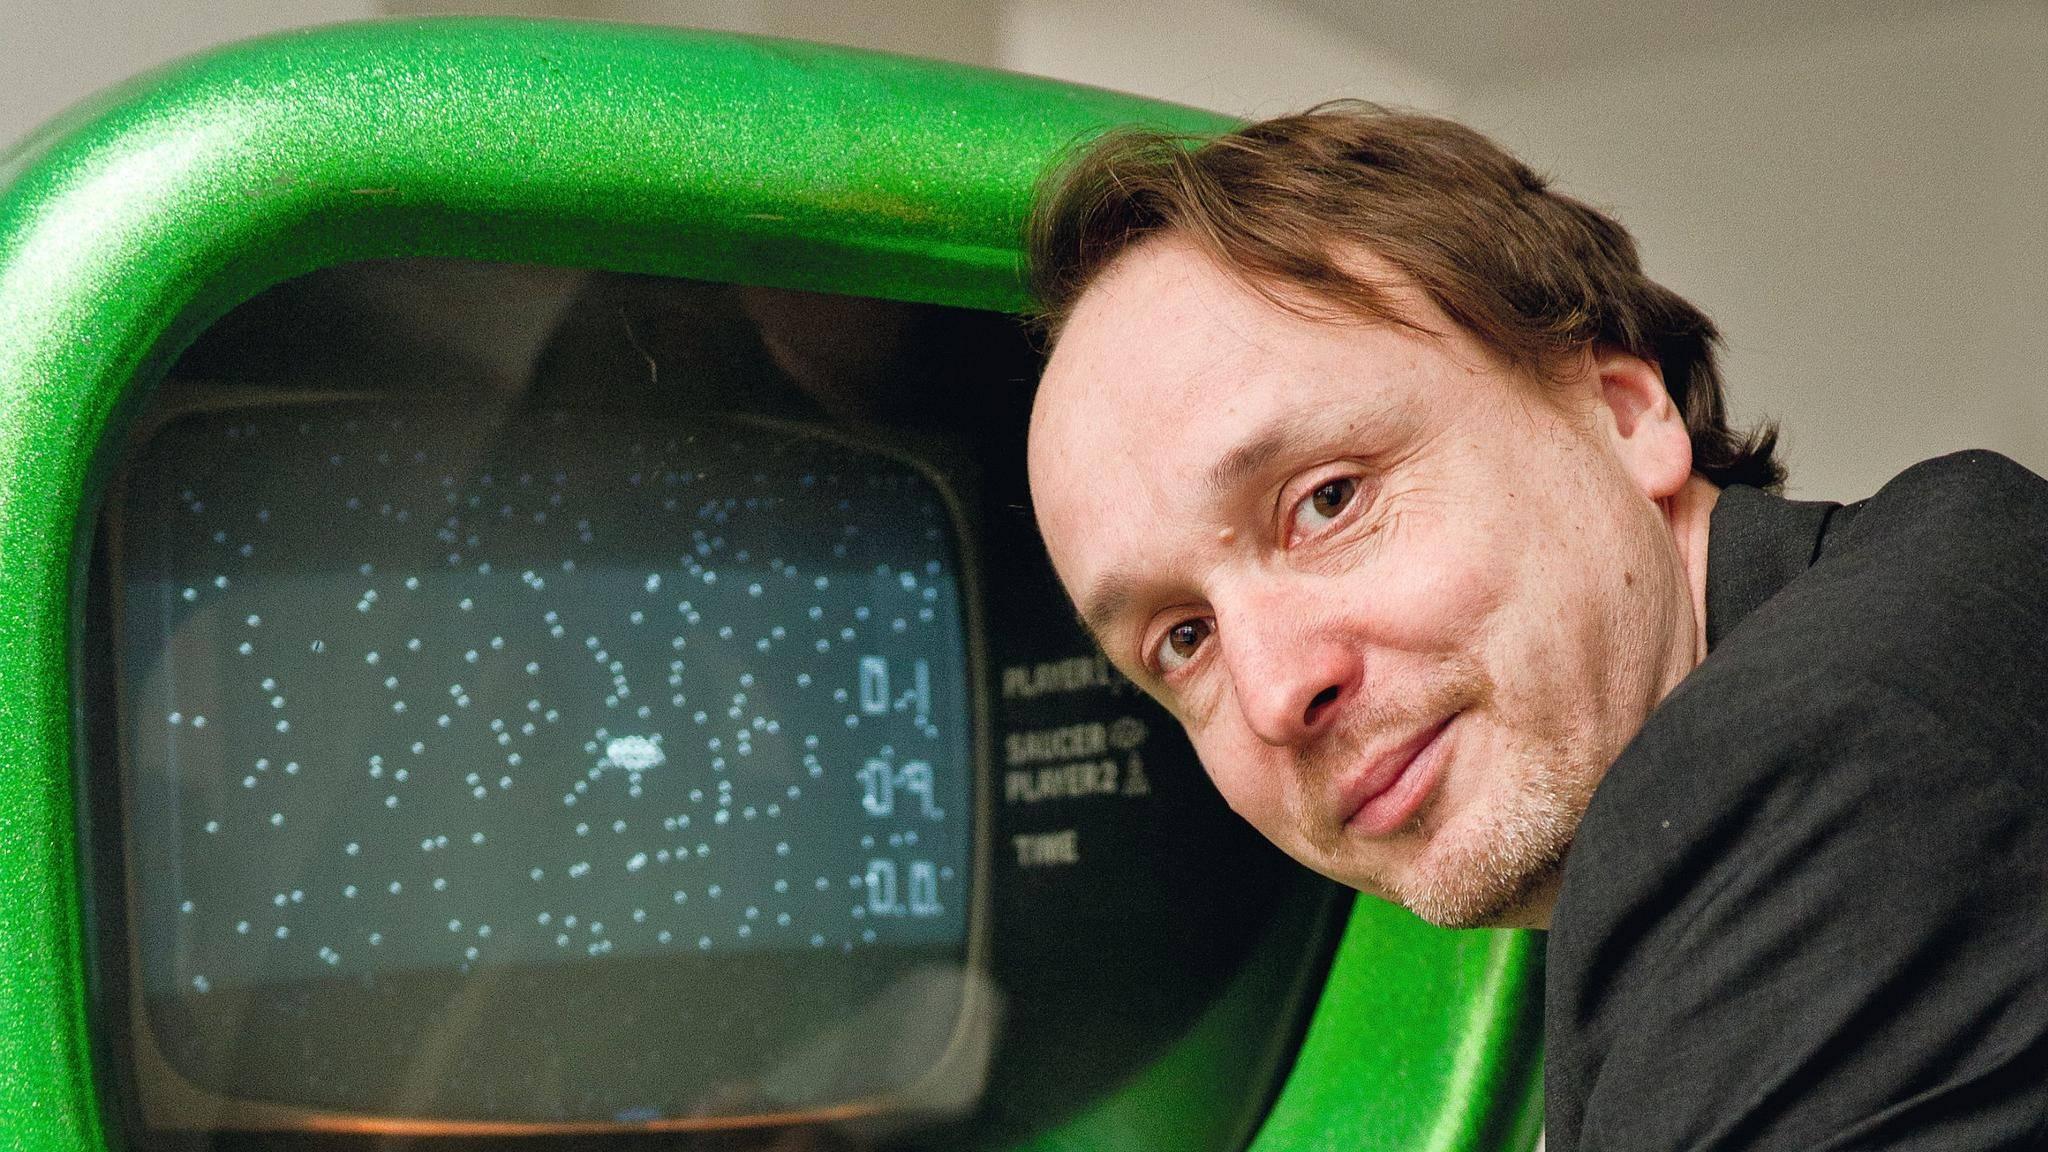 Andreas Lange, 50, ist seit der Gründung 1997 Direktor und Kurator des Computerspielemuseums in Berlin. Es ist das weltweit erste Museum seiner Art und hat heute knapp 30.000 Original-Boxen und über 120 verschiedene Konsolen und Computersysteme in seiner Sammlung.